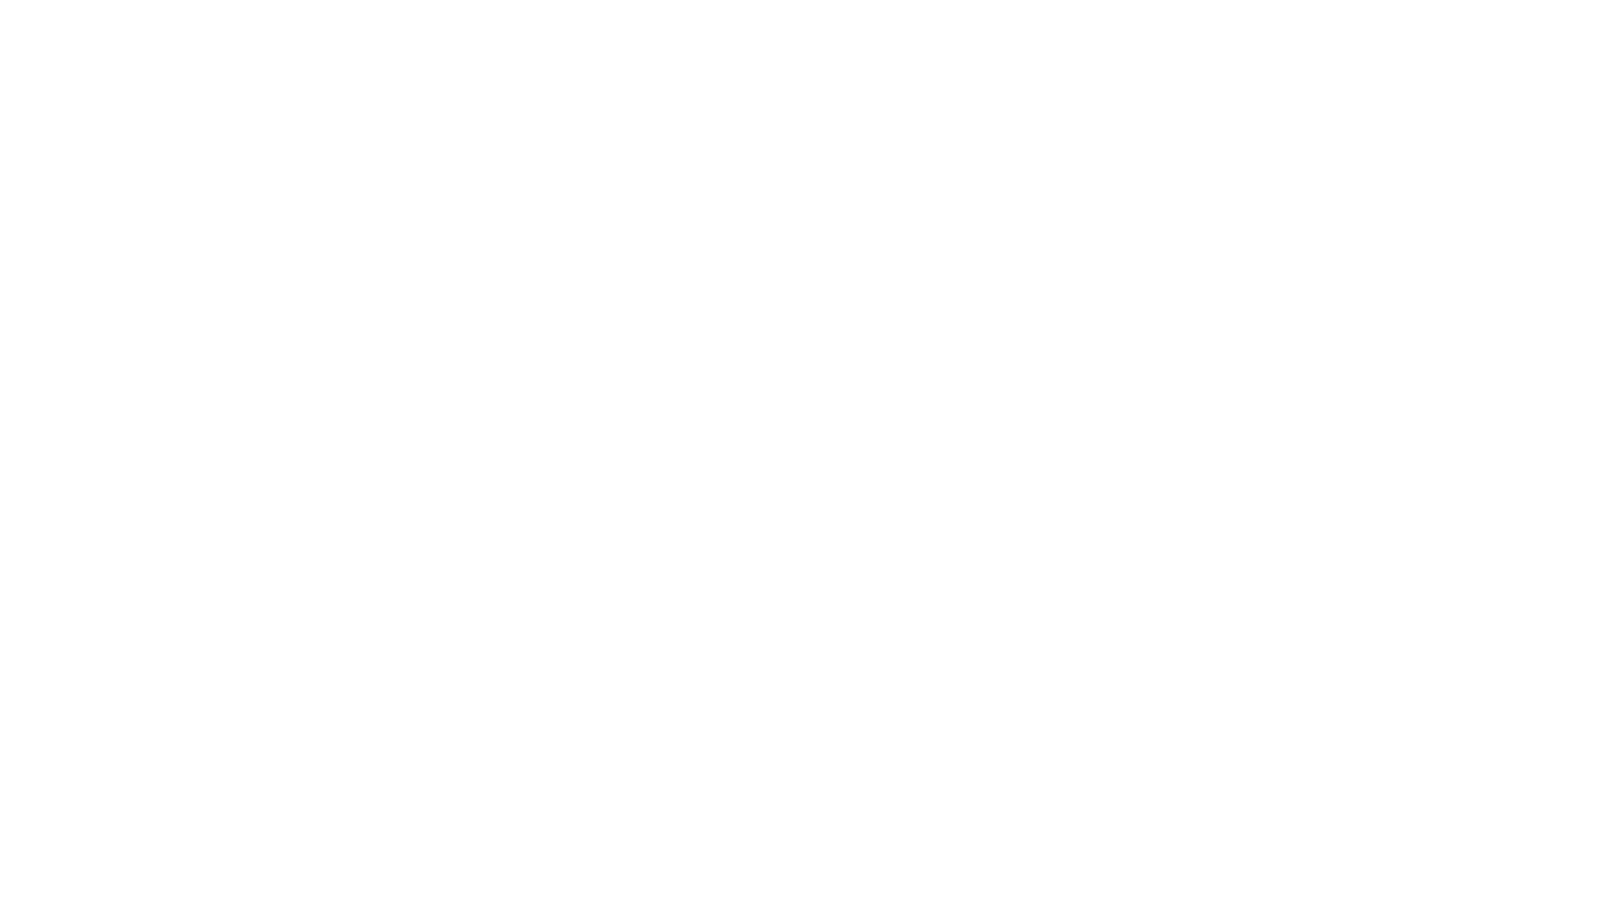 """Nel corso dell'ultimo anno, gli artisti dei Cento Pittori Via Margutta hanno voluto rappresentare la loro visione della """"Pandemia"""".  Dalla riconosciuta vena artistica e dal loro noto gusto estetico e' nata la sottostante e apprezzata sequenza di immagini. Buona visione."""